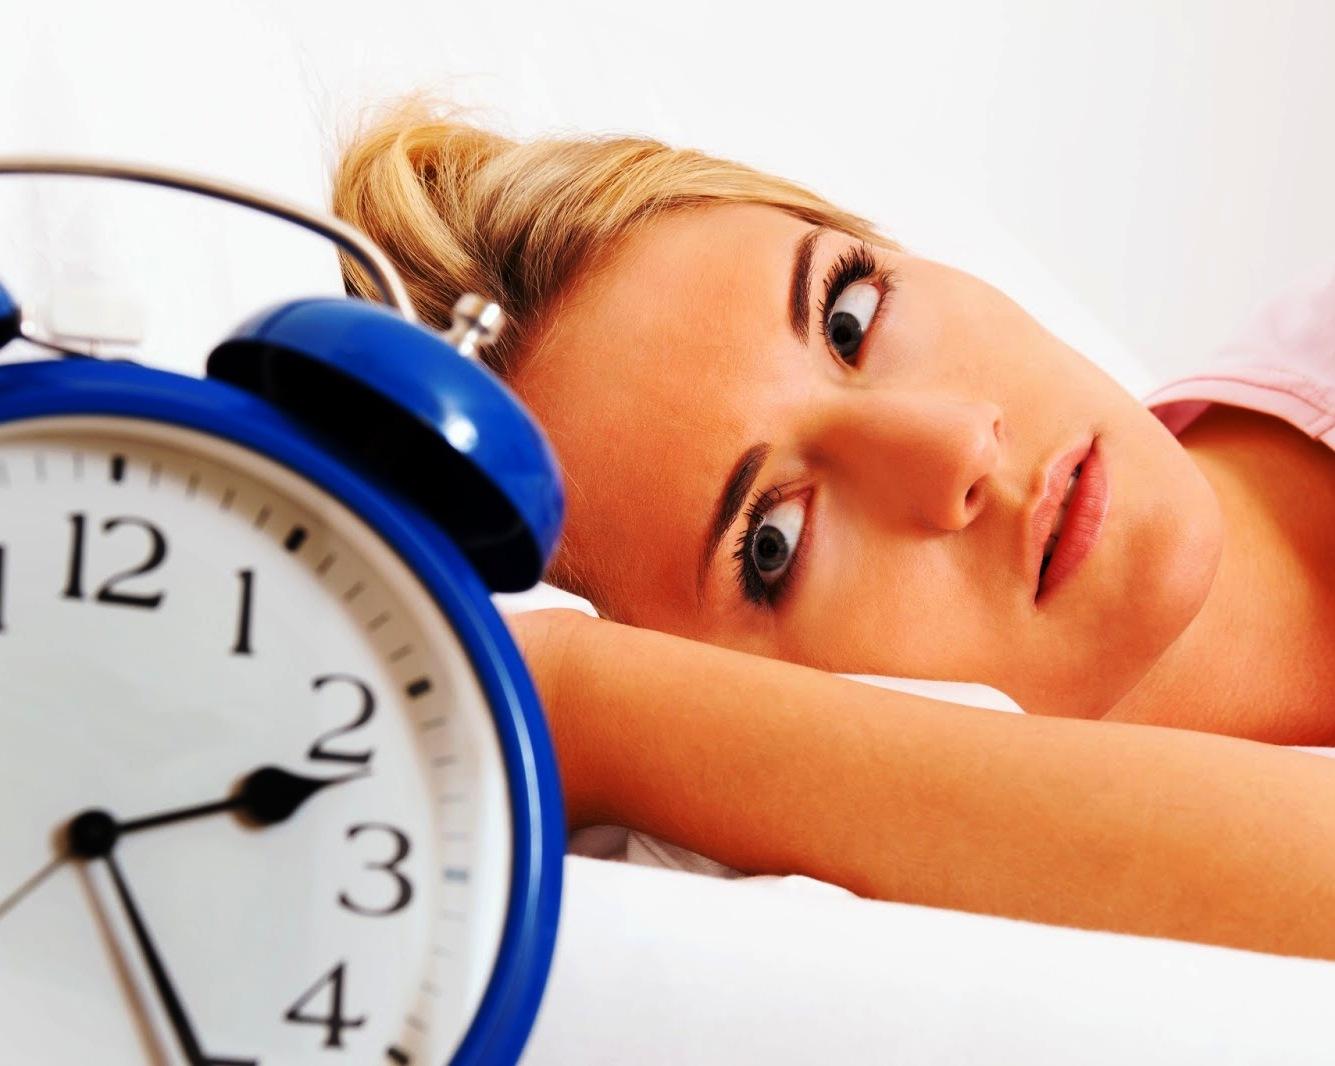 خواب نامناسب میتواند باعث ایجاد گرسنگی زیاد شود